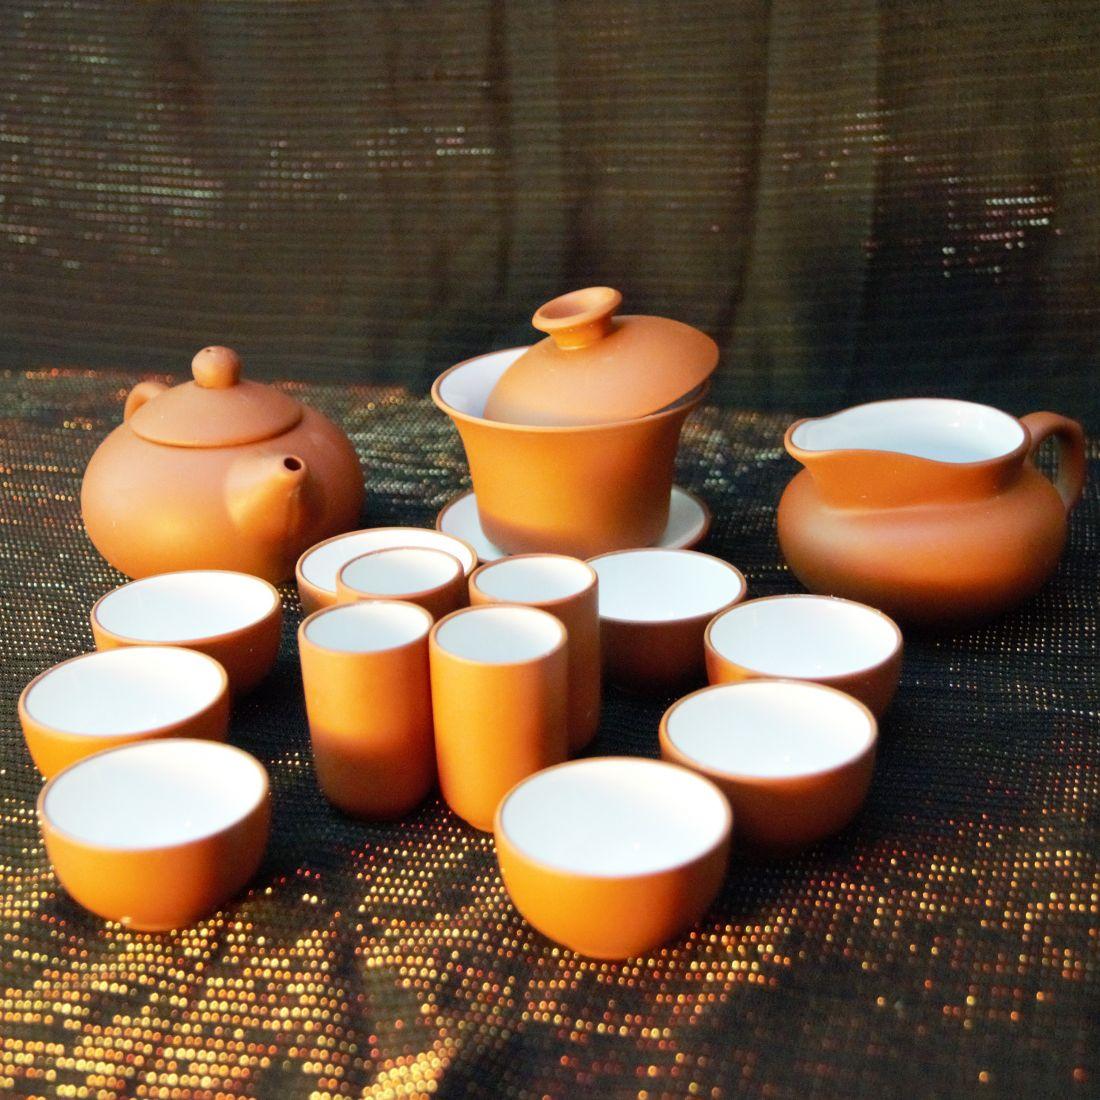 красный чайный набор для Гунфу ча